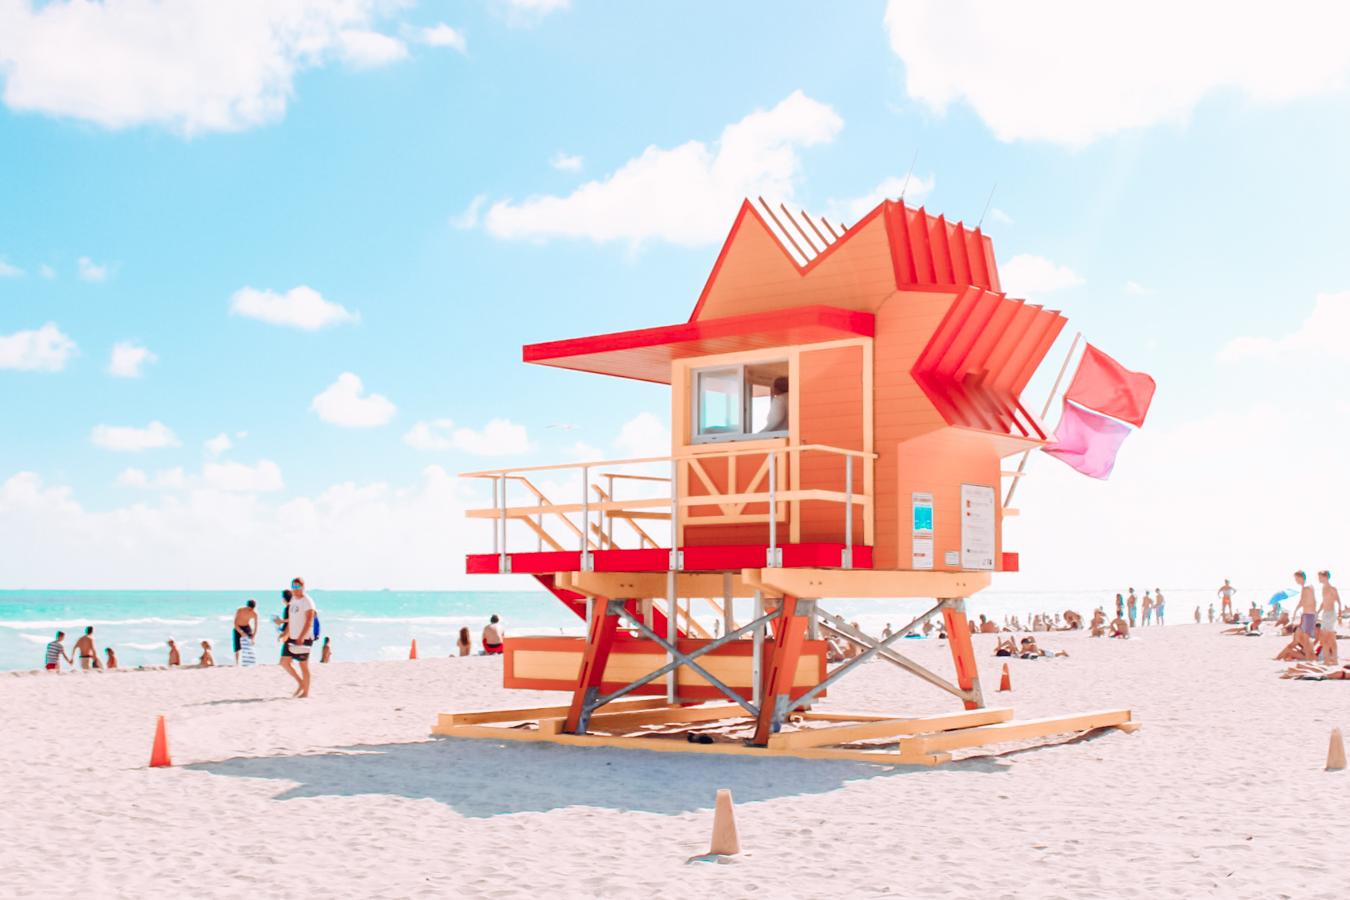 Red beach house at Miami Beach